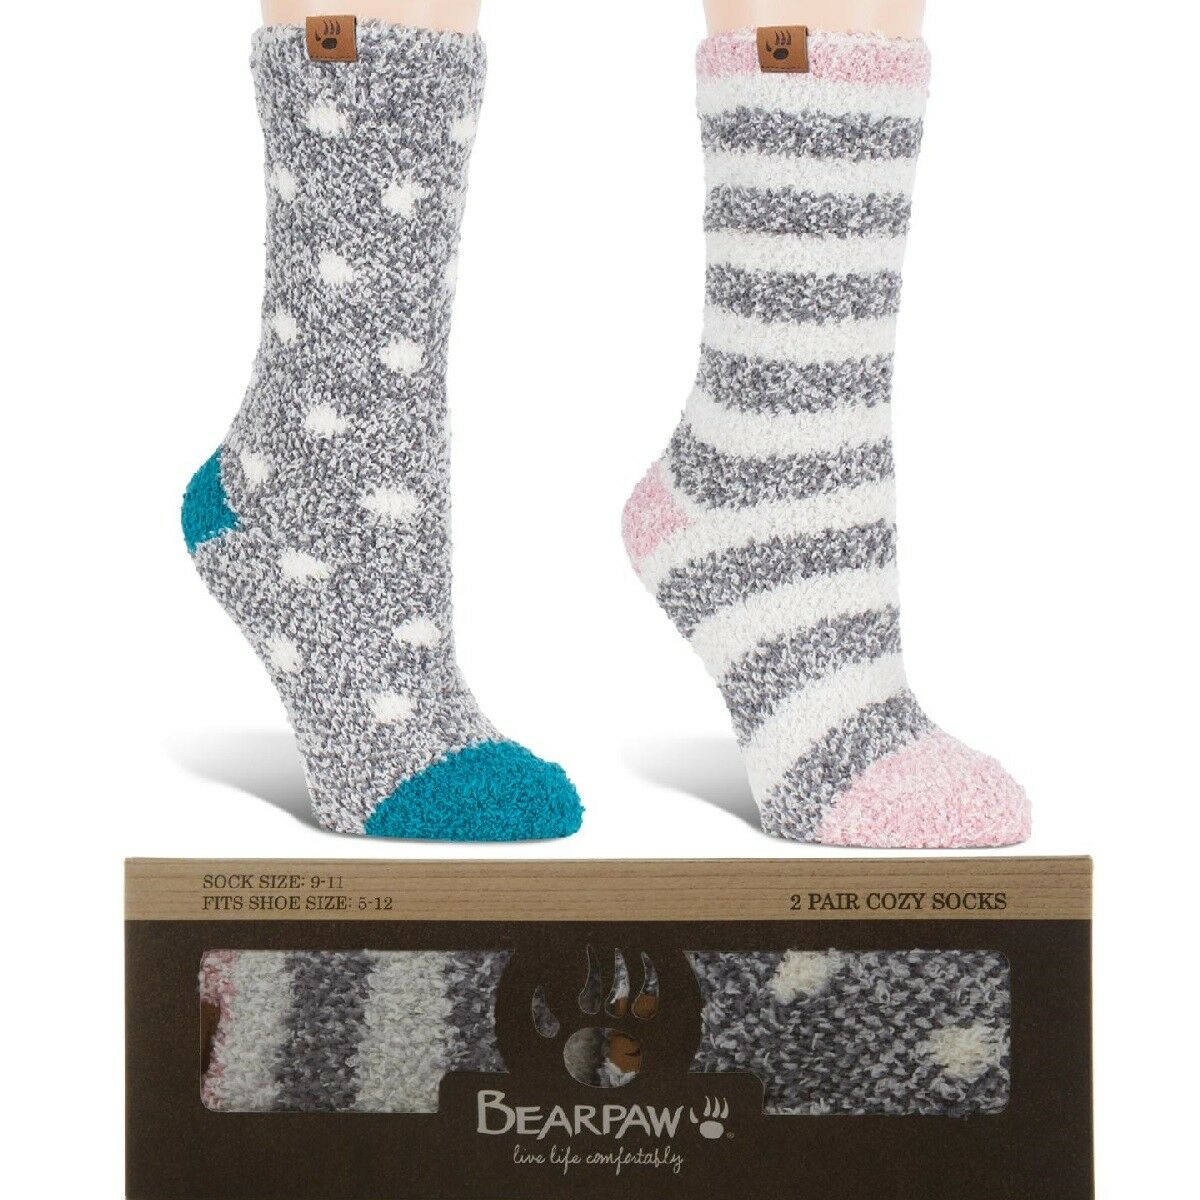 BEARPAW 2-pack Cozy Socks 520151-J w /& w//o Box